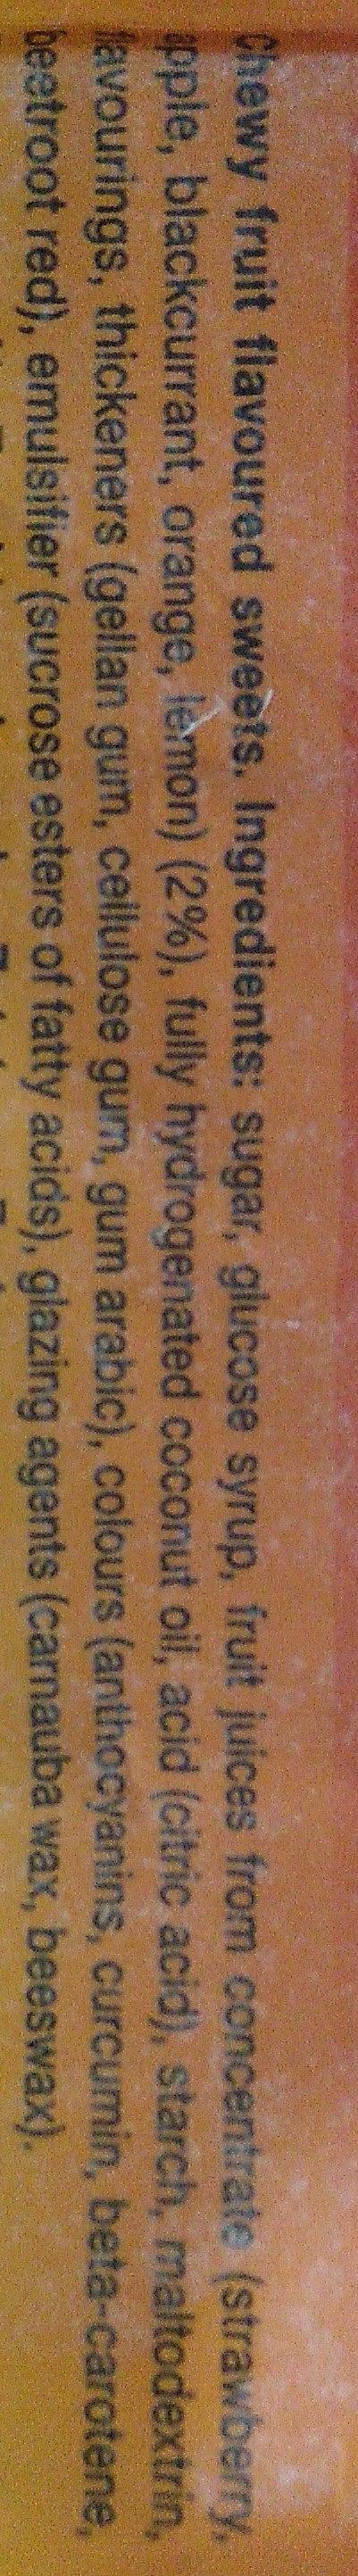 Mentos fruit mix - Ingredients - en